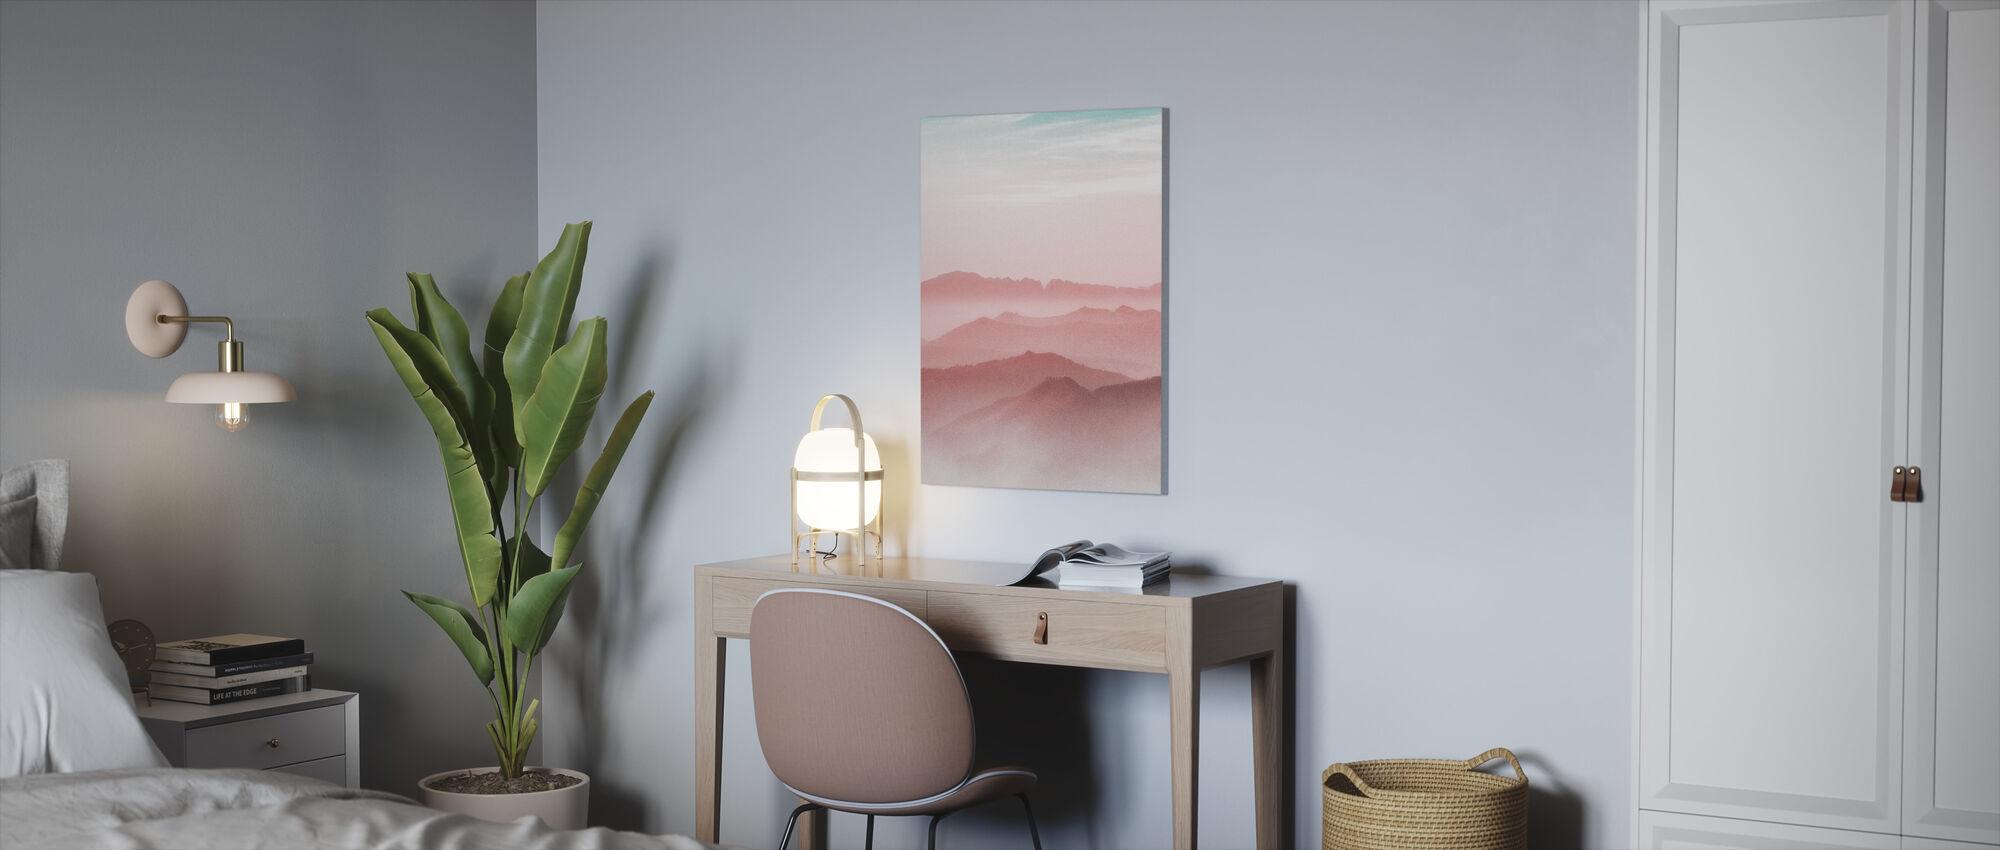 Mist Mountain - Canvastaulu - Toimisto